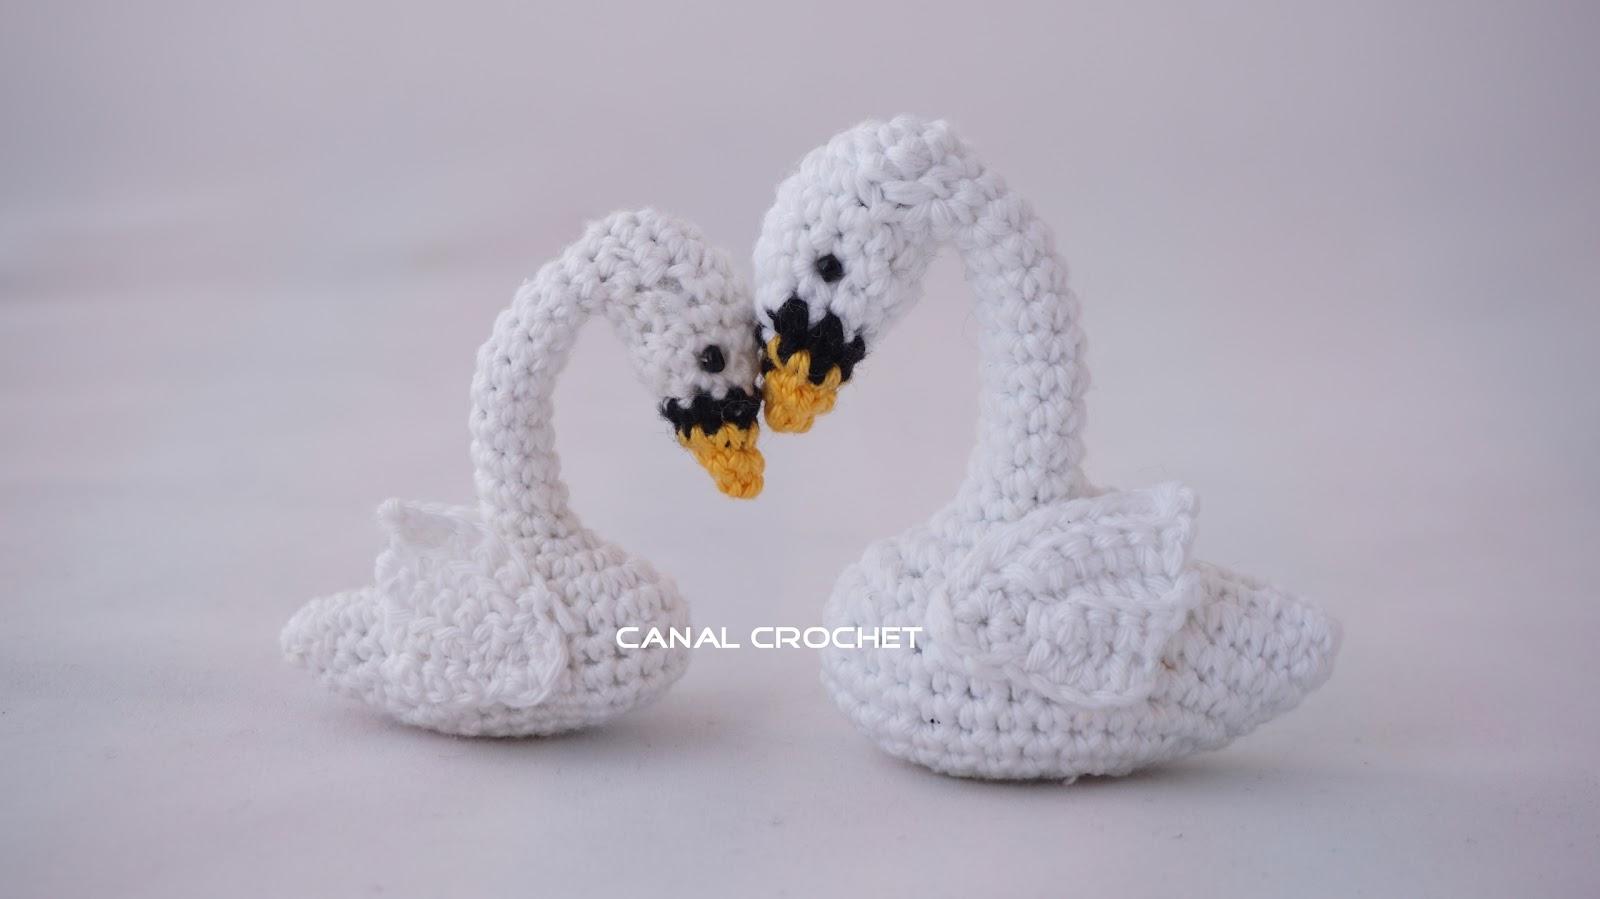 CANAL CROCHET: Cisne amigurumi tutorial